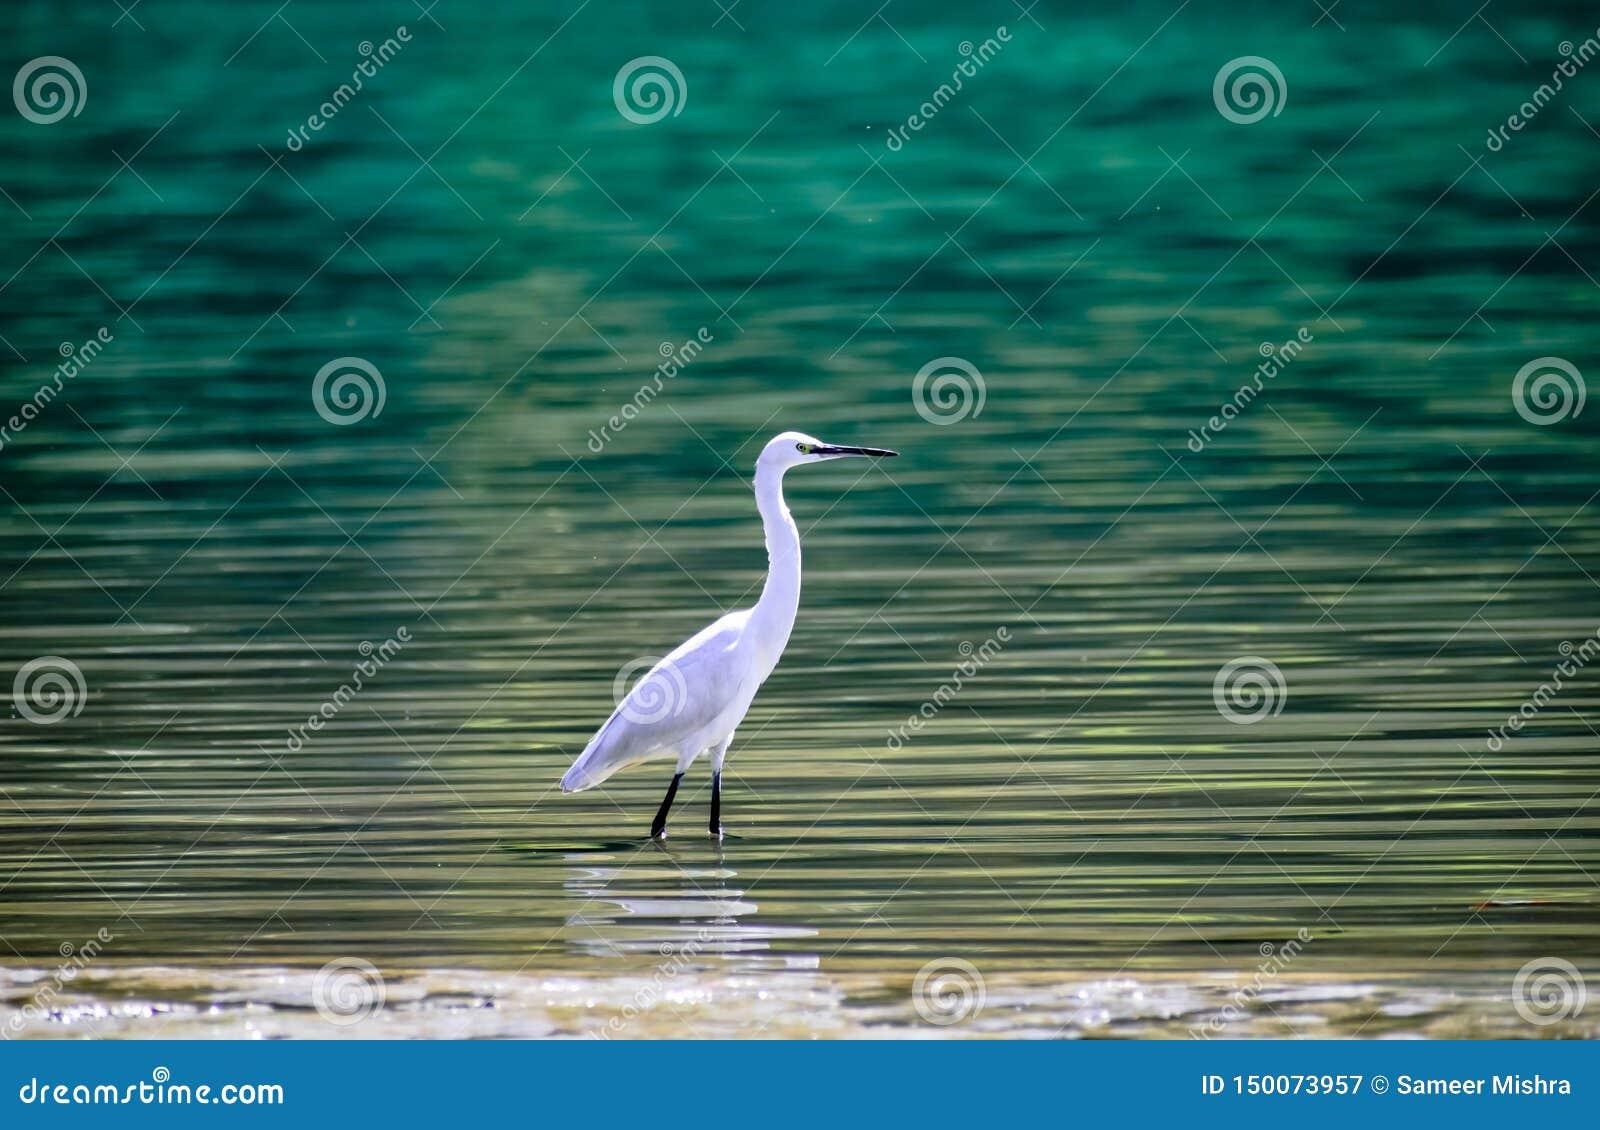 Aigrette in blauw water van ganga rishikesh mooie achtergrond